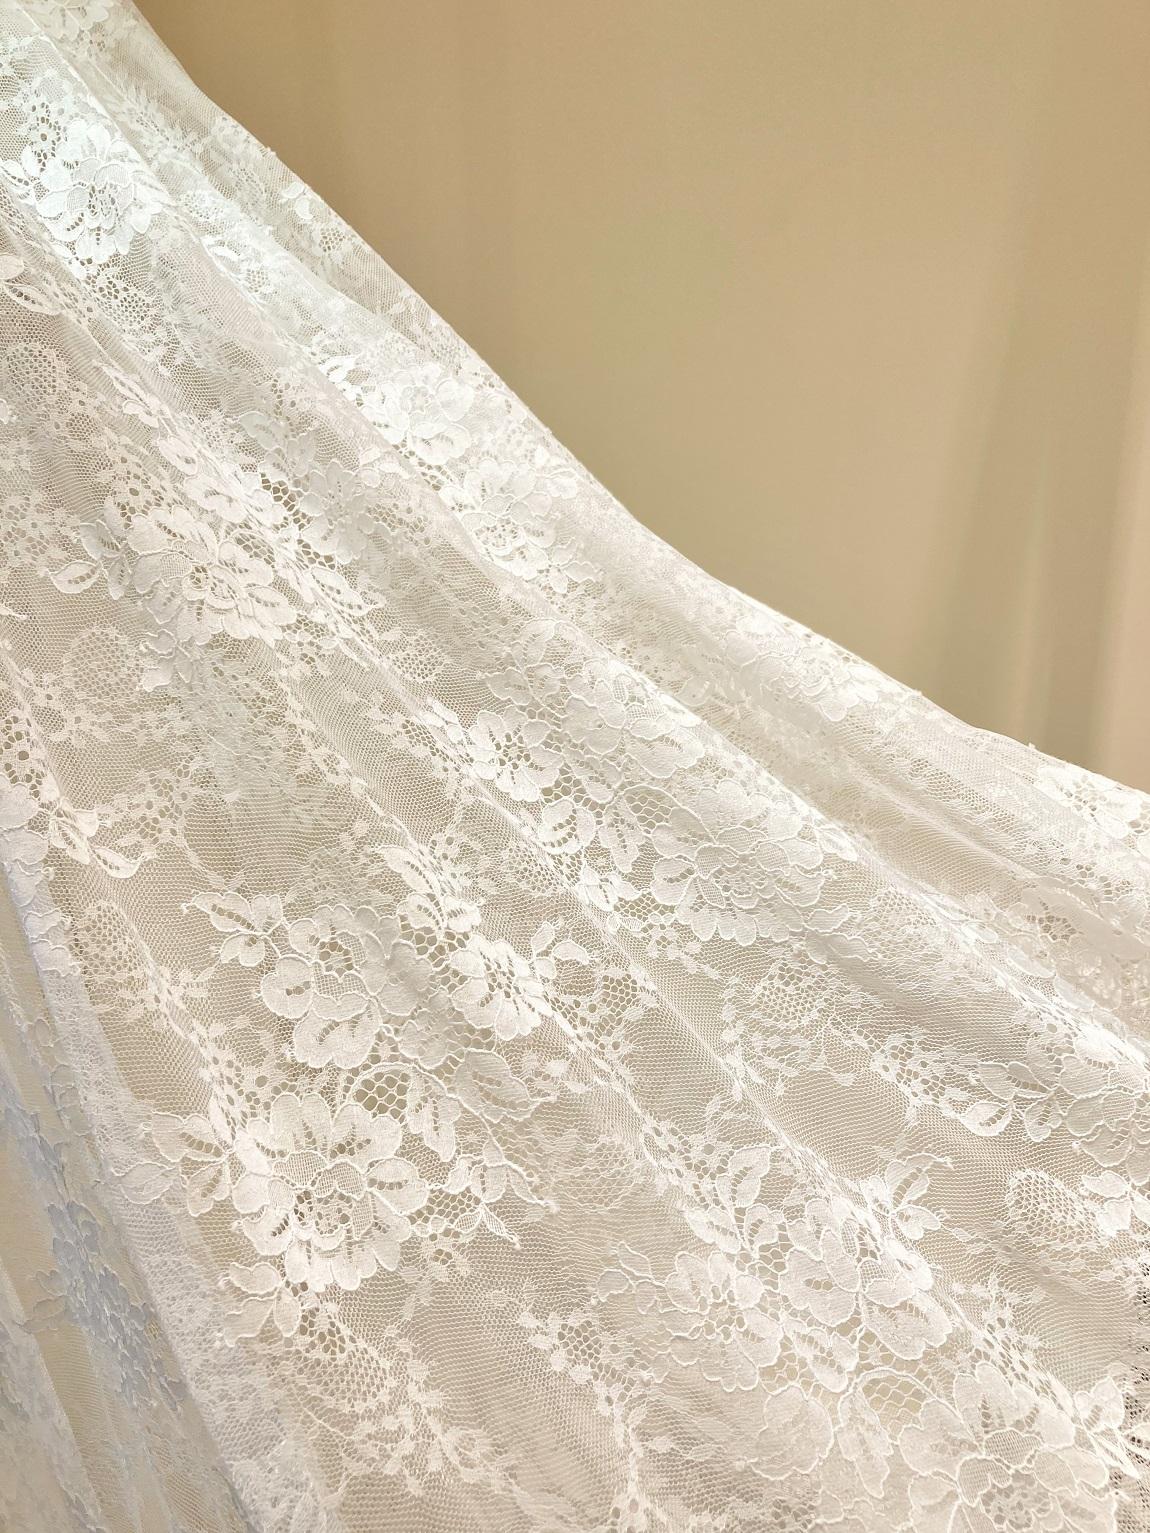 リバーレースが美しいインポートレンタルウェディングドレスで可憐な印象に